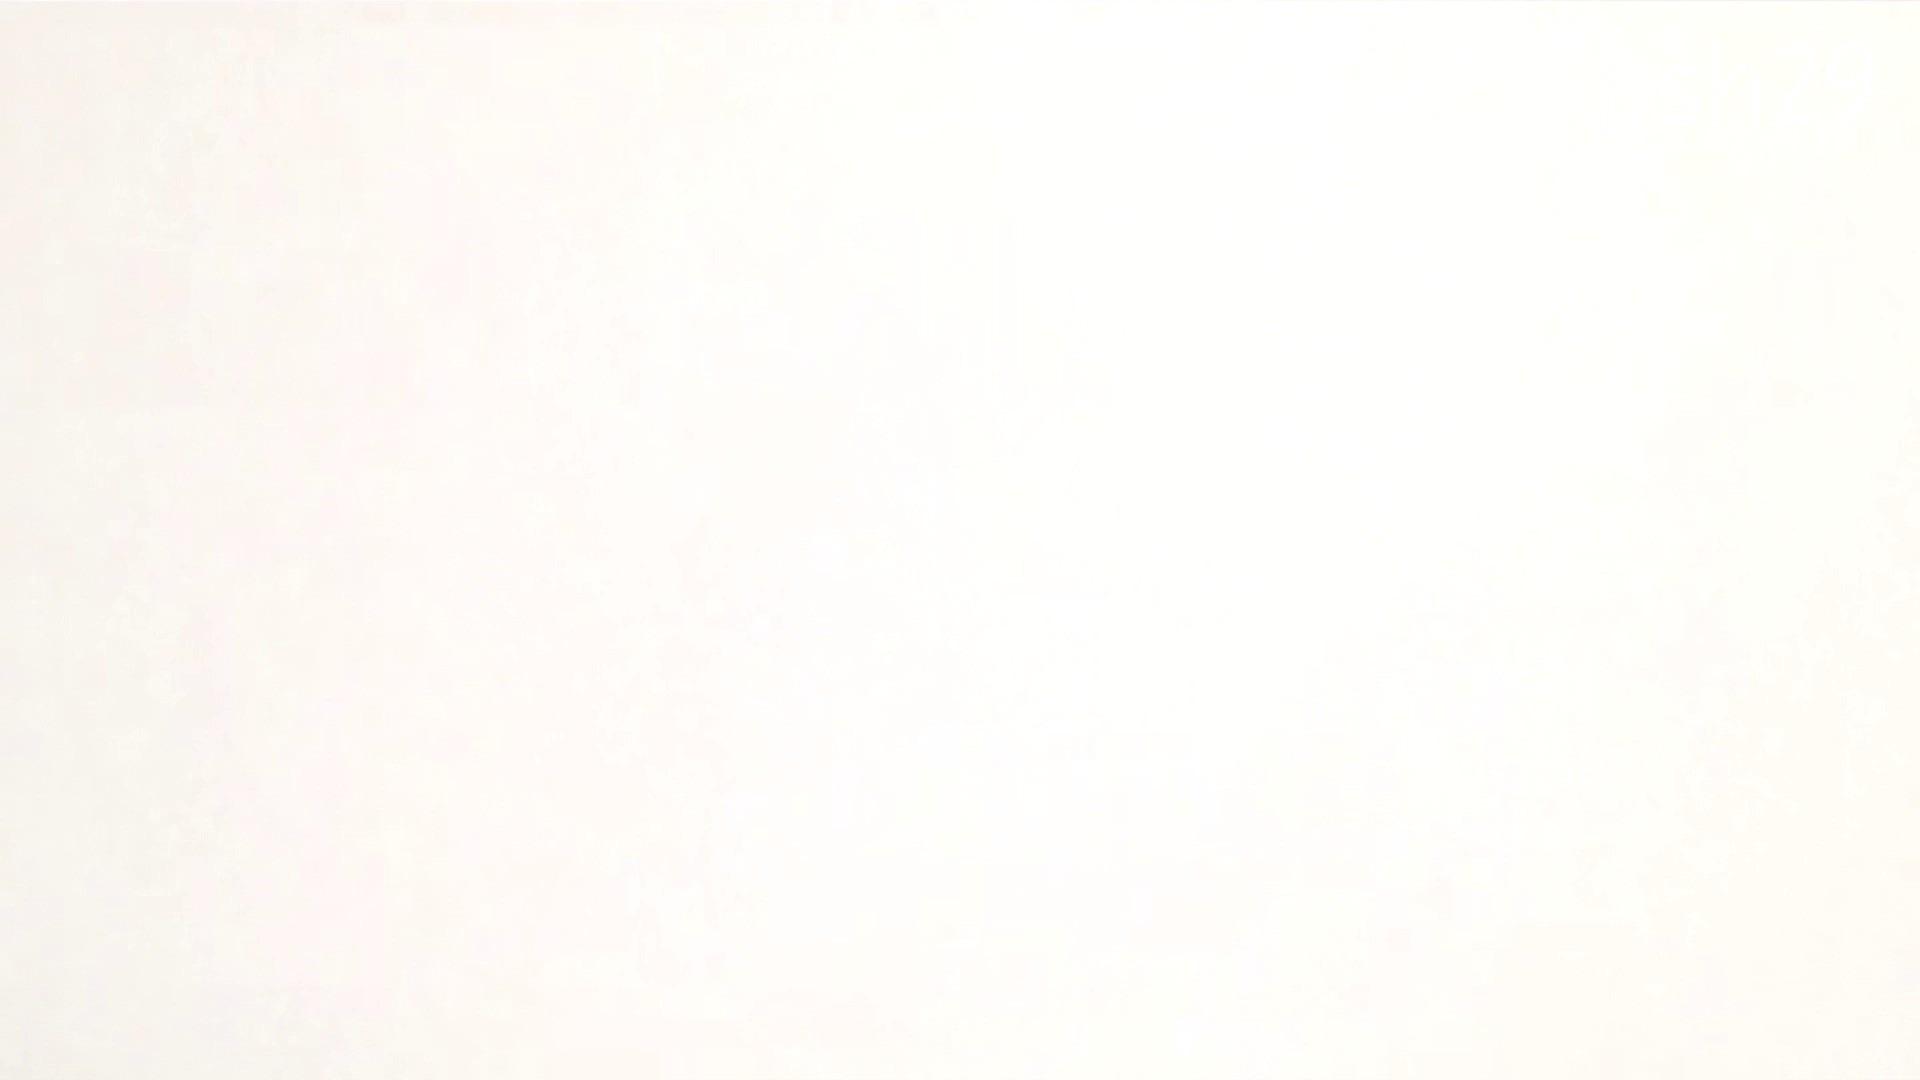 ▲復活限定▲ハイビジョン 盗神伝 Vol.29 洗面所シーン オメコ動画キャプチャ 85画像 82